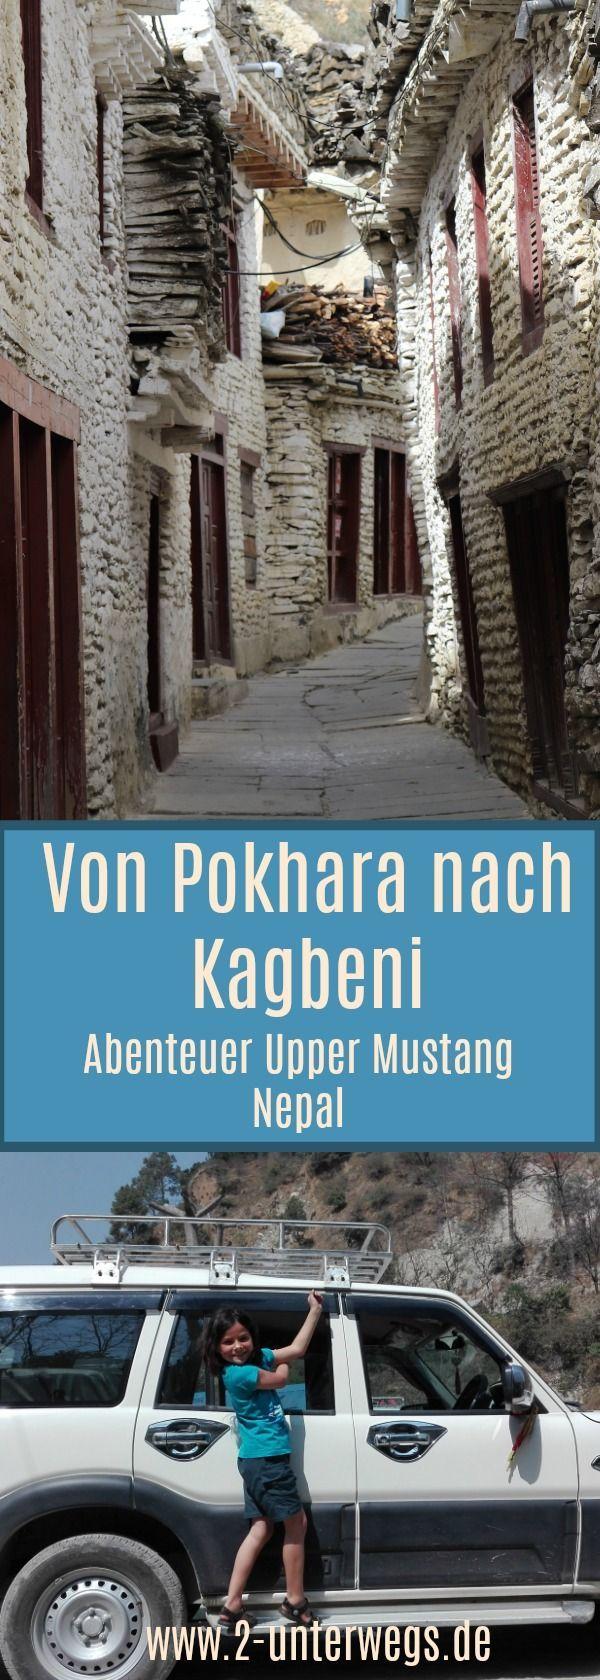 Der Start unseres tollen Abenteuers in Mustang. Mit dem Jeep sind wir von Pokhara nach Kagbeni gefahren. #reisenmitkind #nepalmitkind #nepal #uppermustang #abenteuer